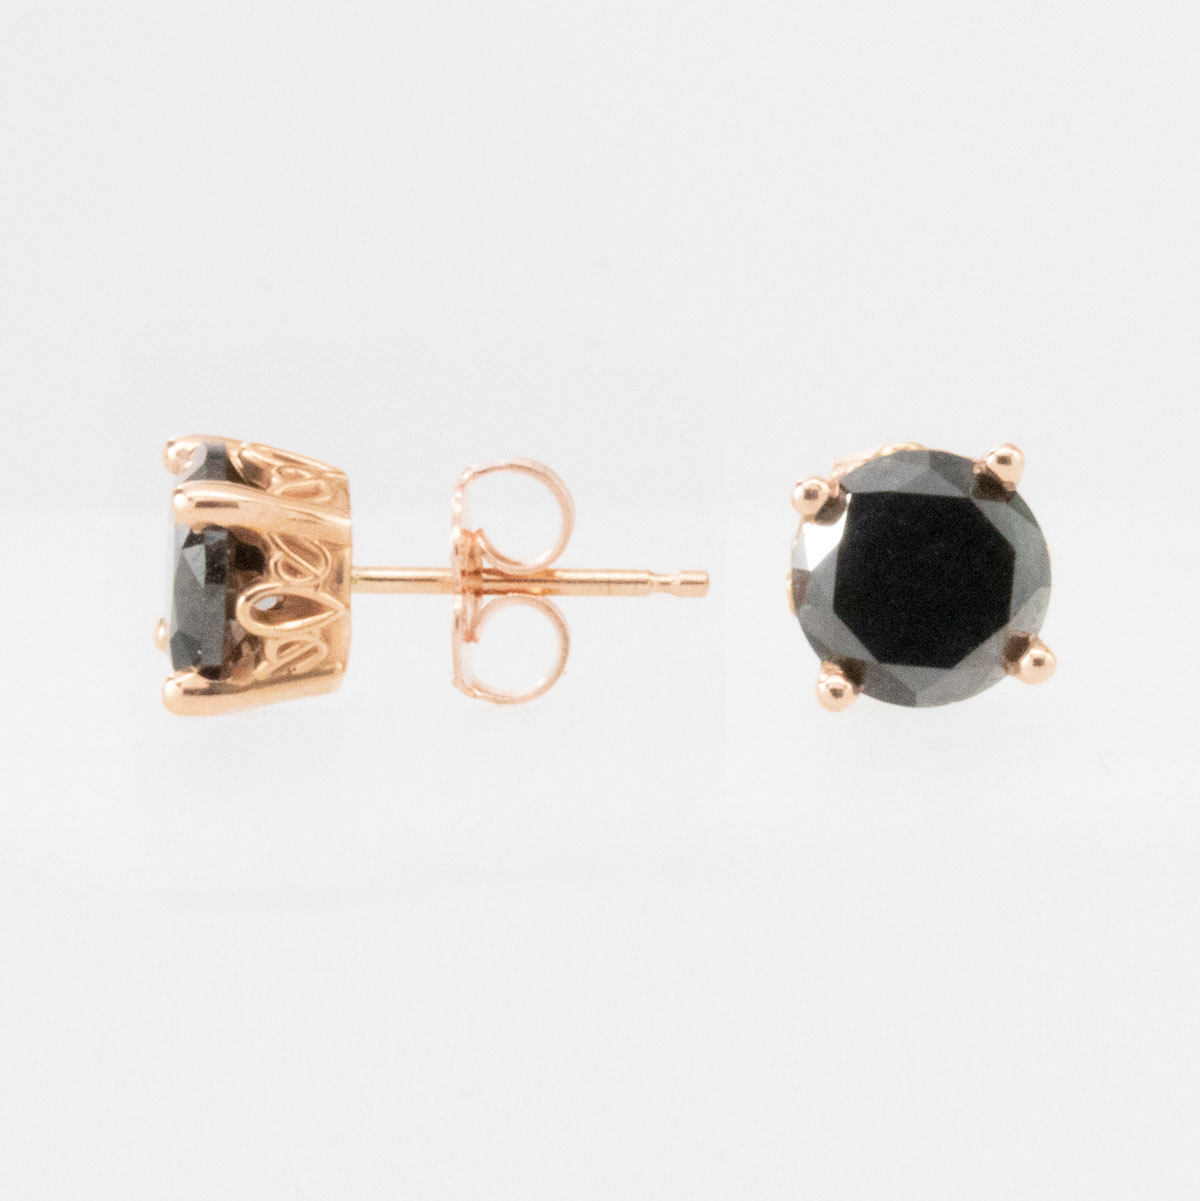 Black Diamond Stud Earrings, 14k Rose Gold